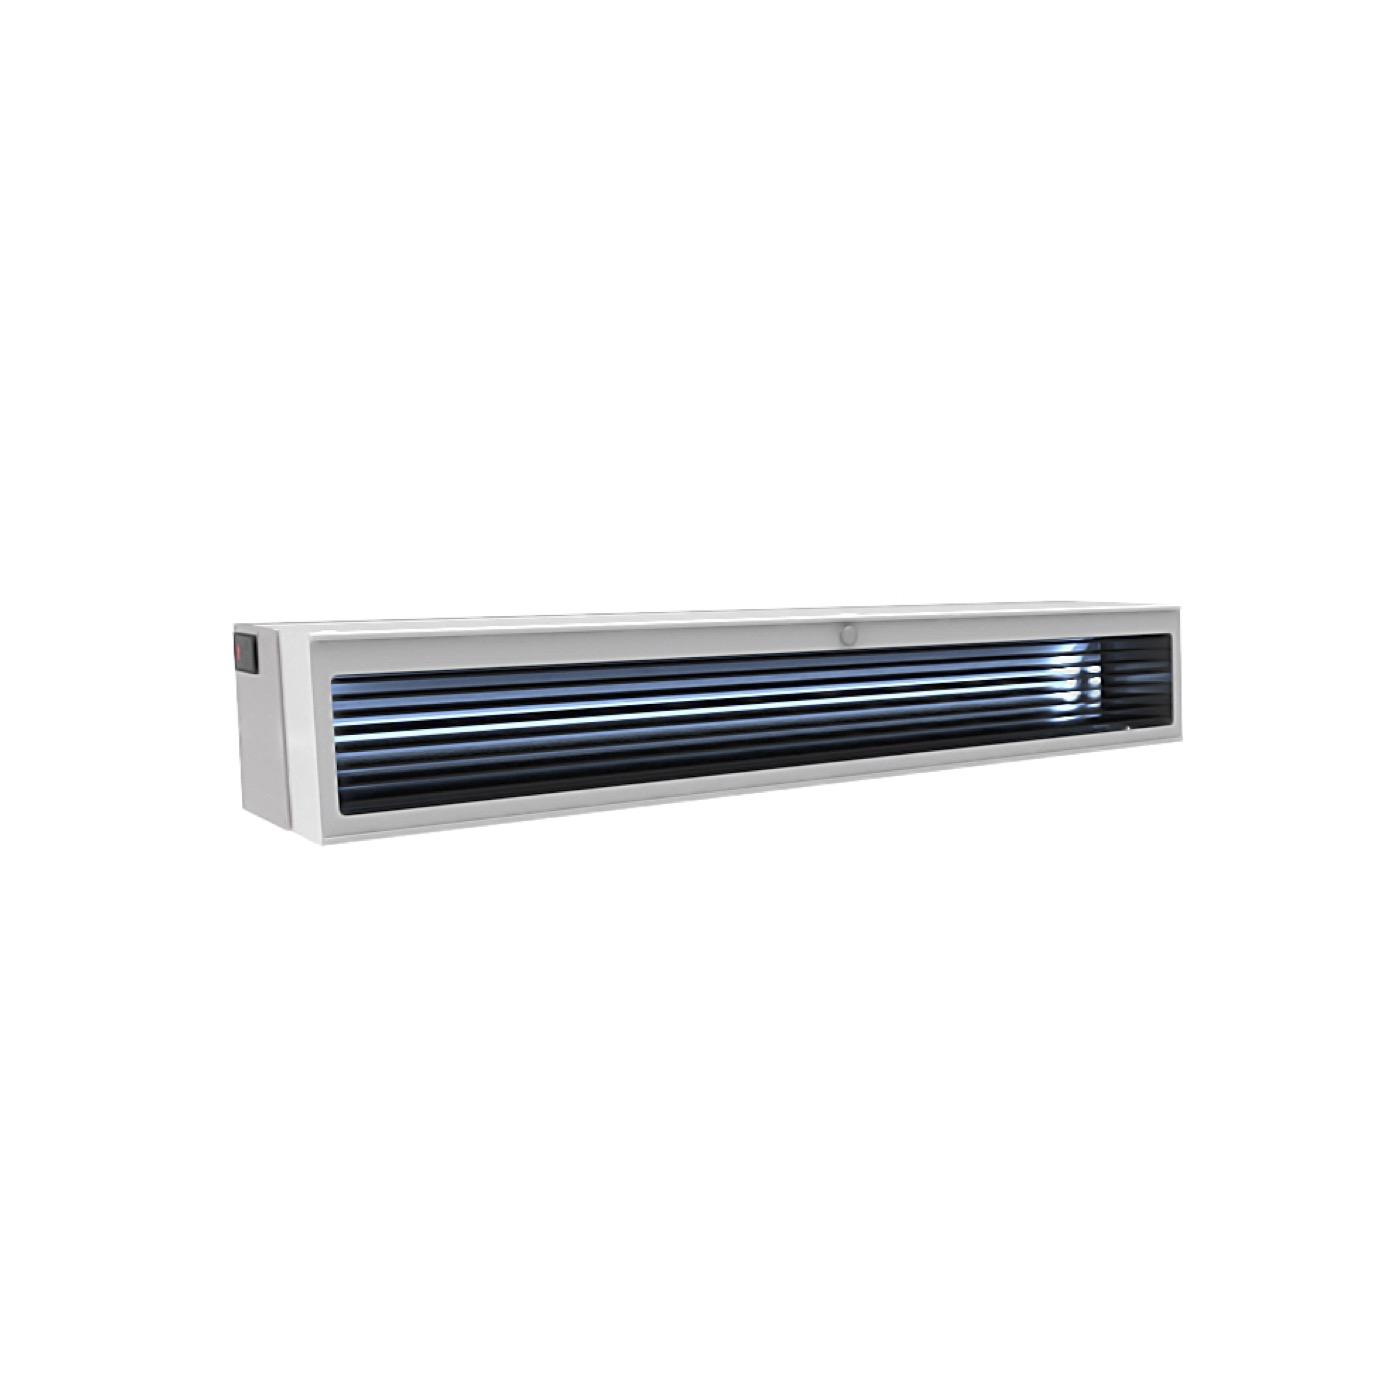 UV- FLOW-WL oro valymo įrenginys